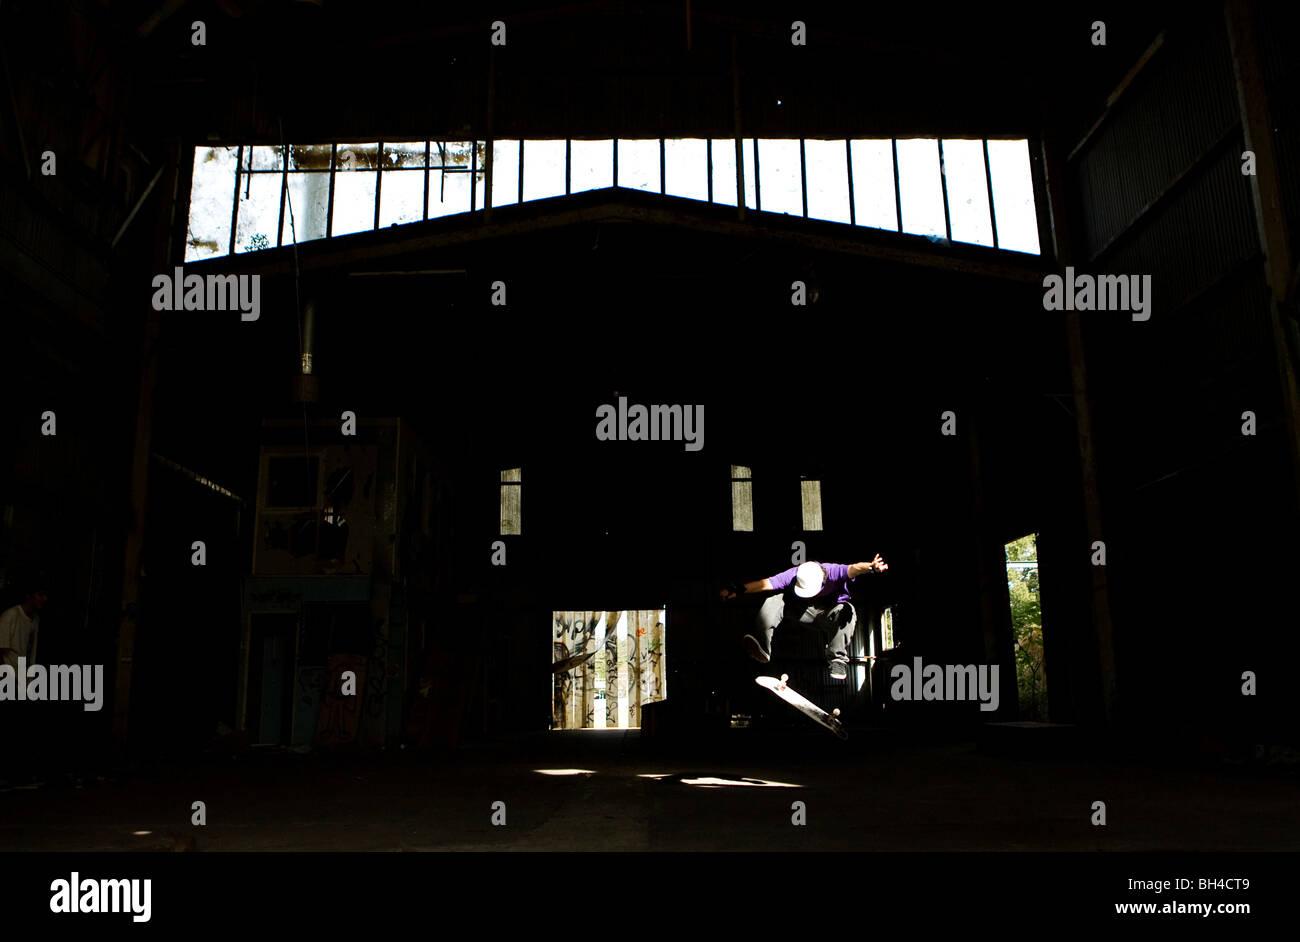 Eine Skater führt einen Kick Flip in einem verlassenen Lagerhaus an der Central Coast, New-South.Wales, Australien. Stockbild